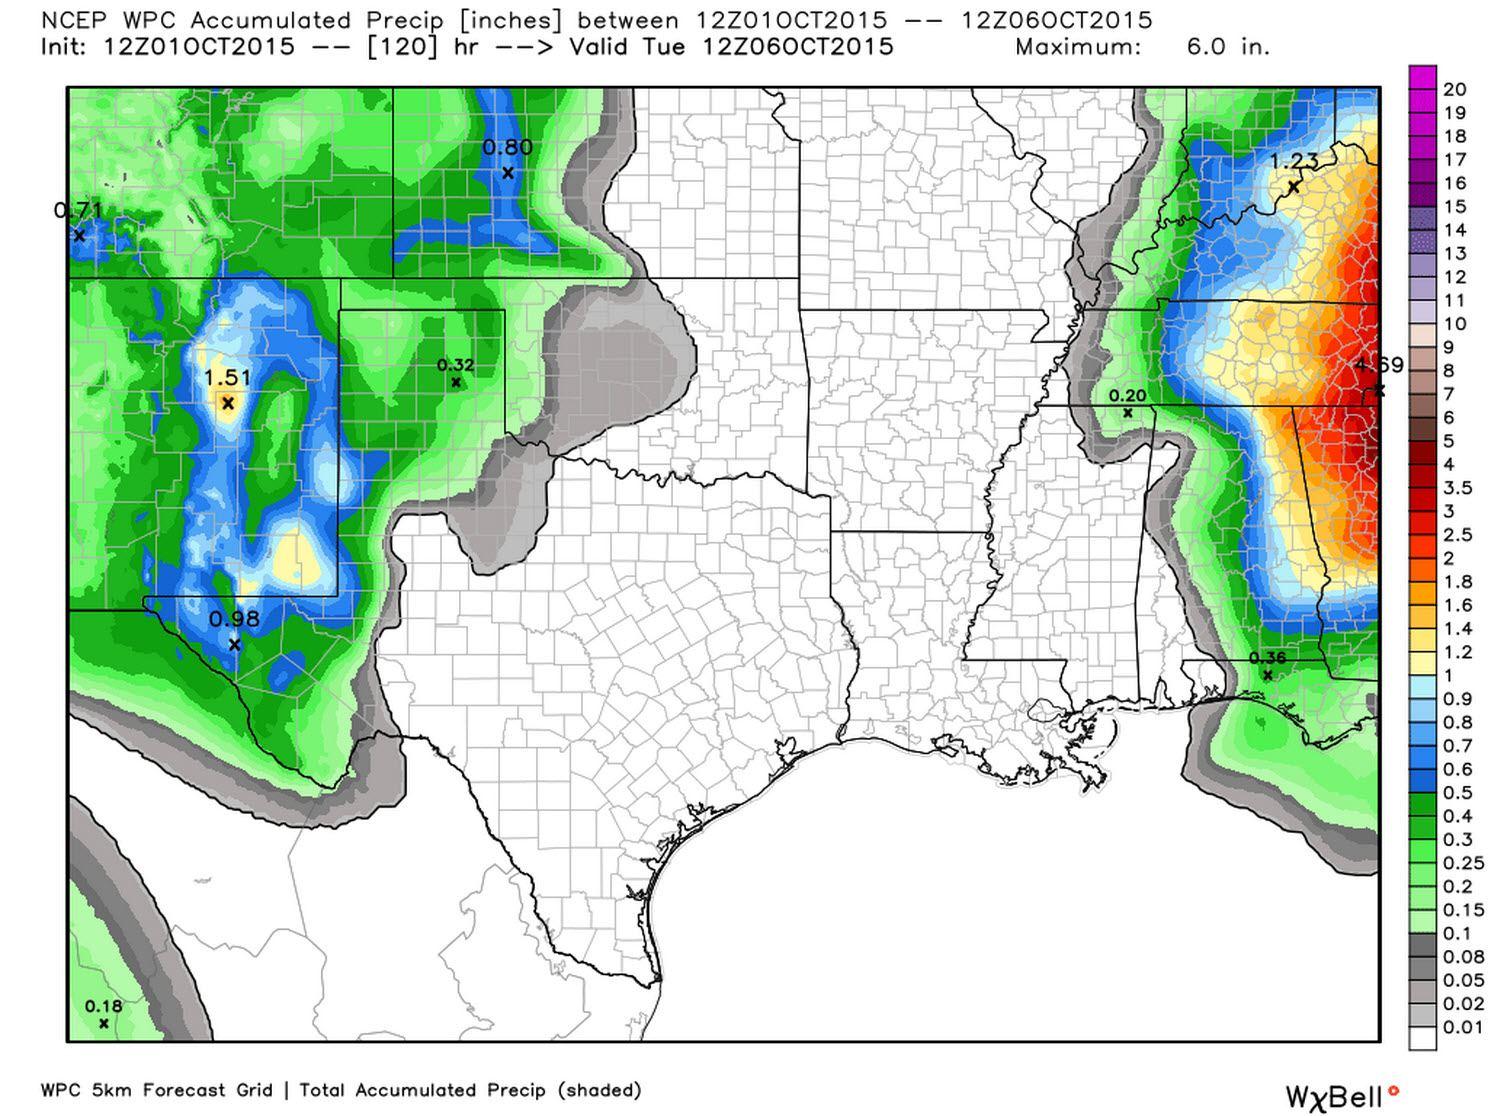 Rain forecast totals through Monday, October 5